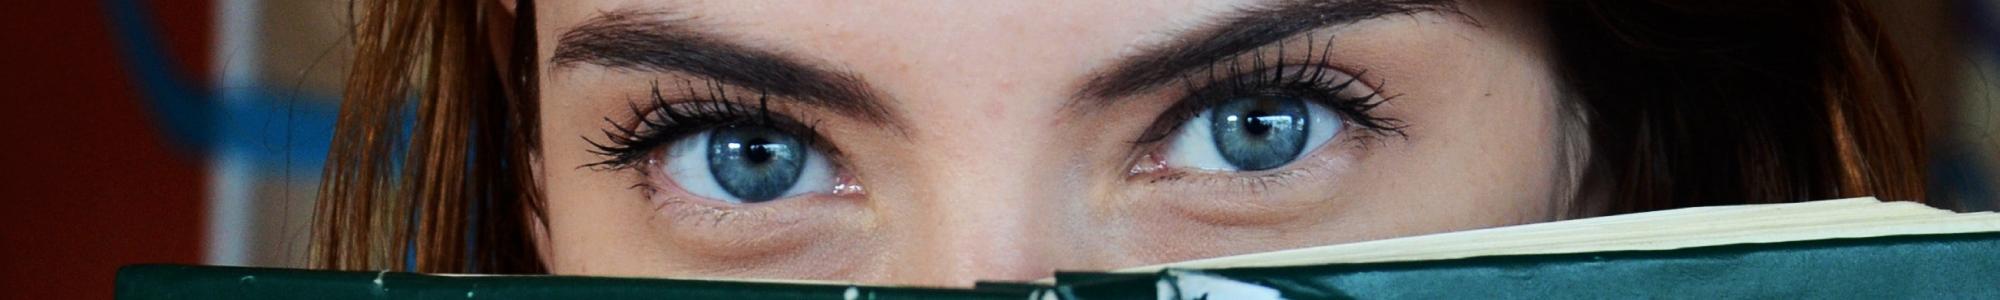 Crème contour des yeux aux extraits naturels biologiques